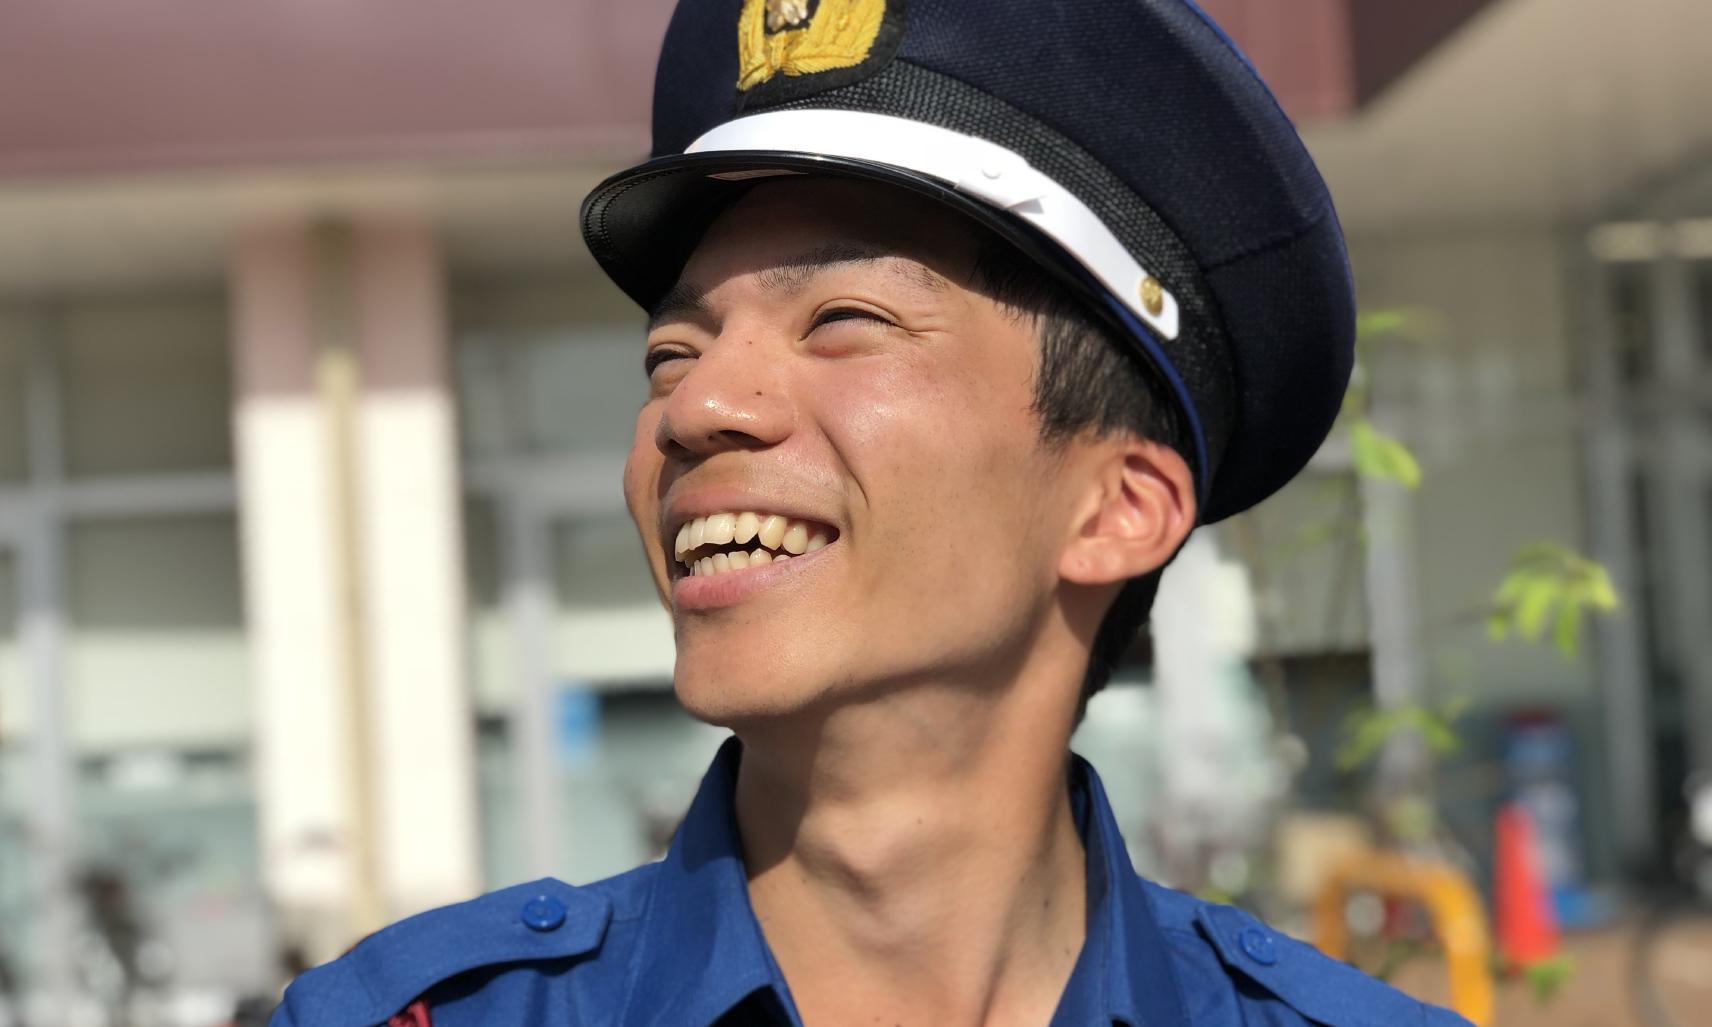 東宝総合警備保障株式会社 立川支社の求人画像